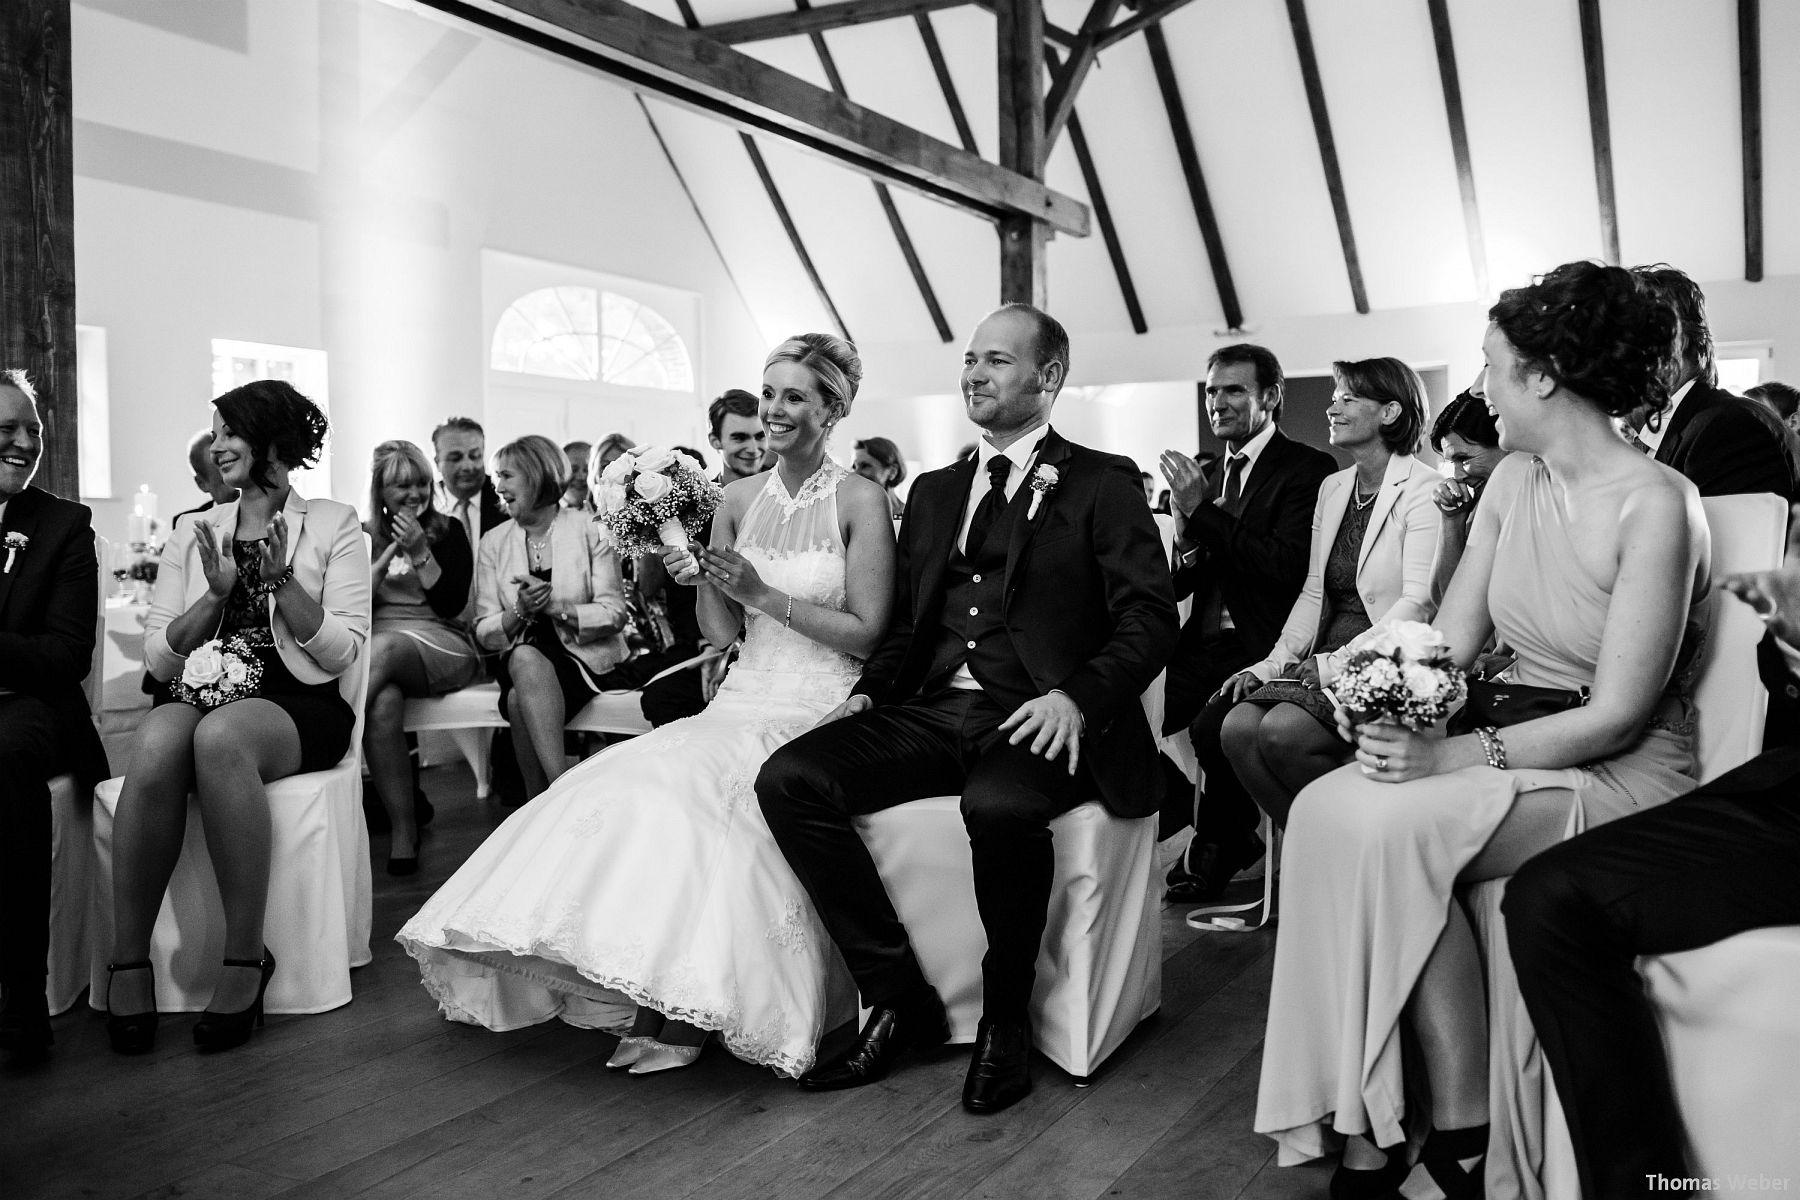 Hochzeitsfotograf Oldenburg: Hochzeit in der Eventscheune St. Georg in Rastede (50)